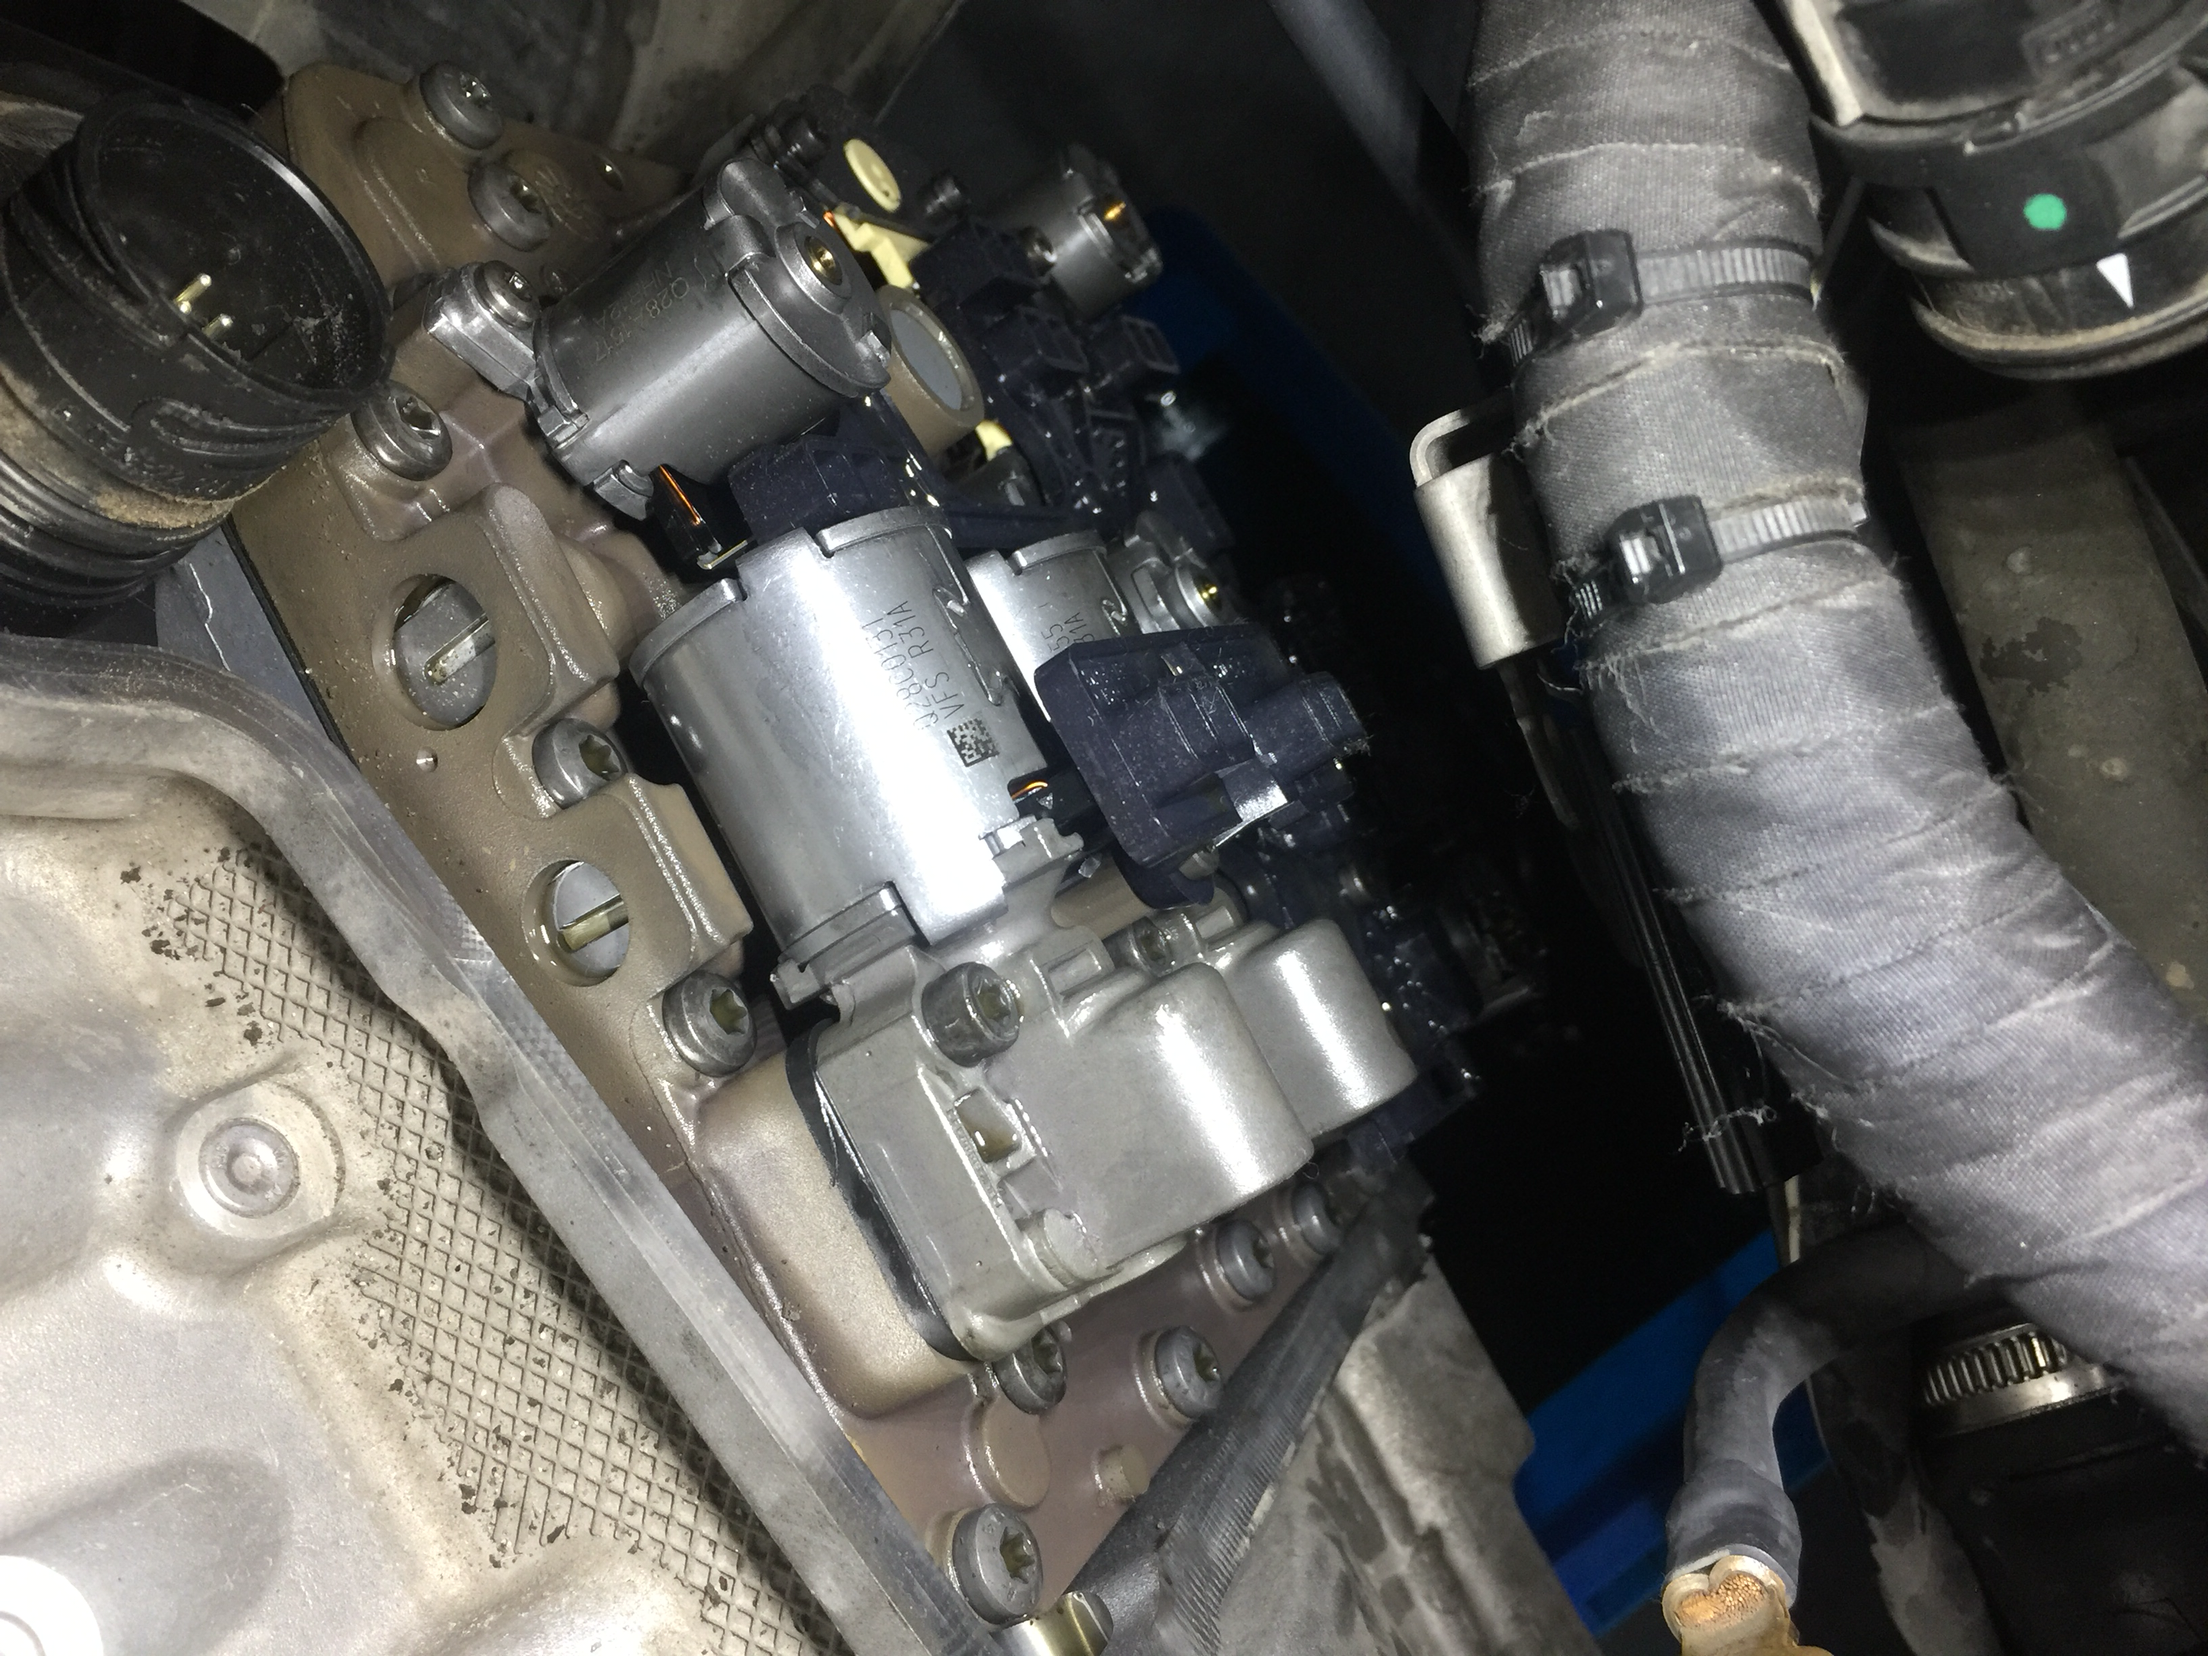 奥迪s3变速箱油阀和电脑板怎么给它拆下来,看了一下旁边的螺丝有几个